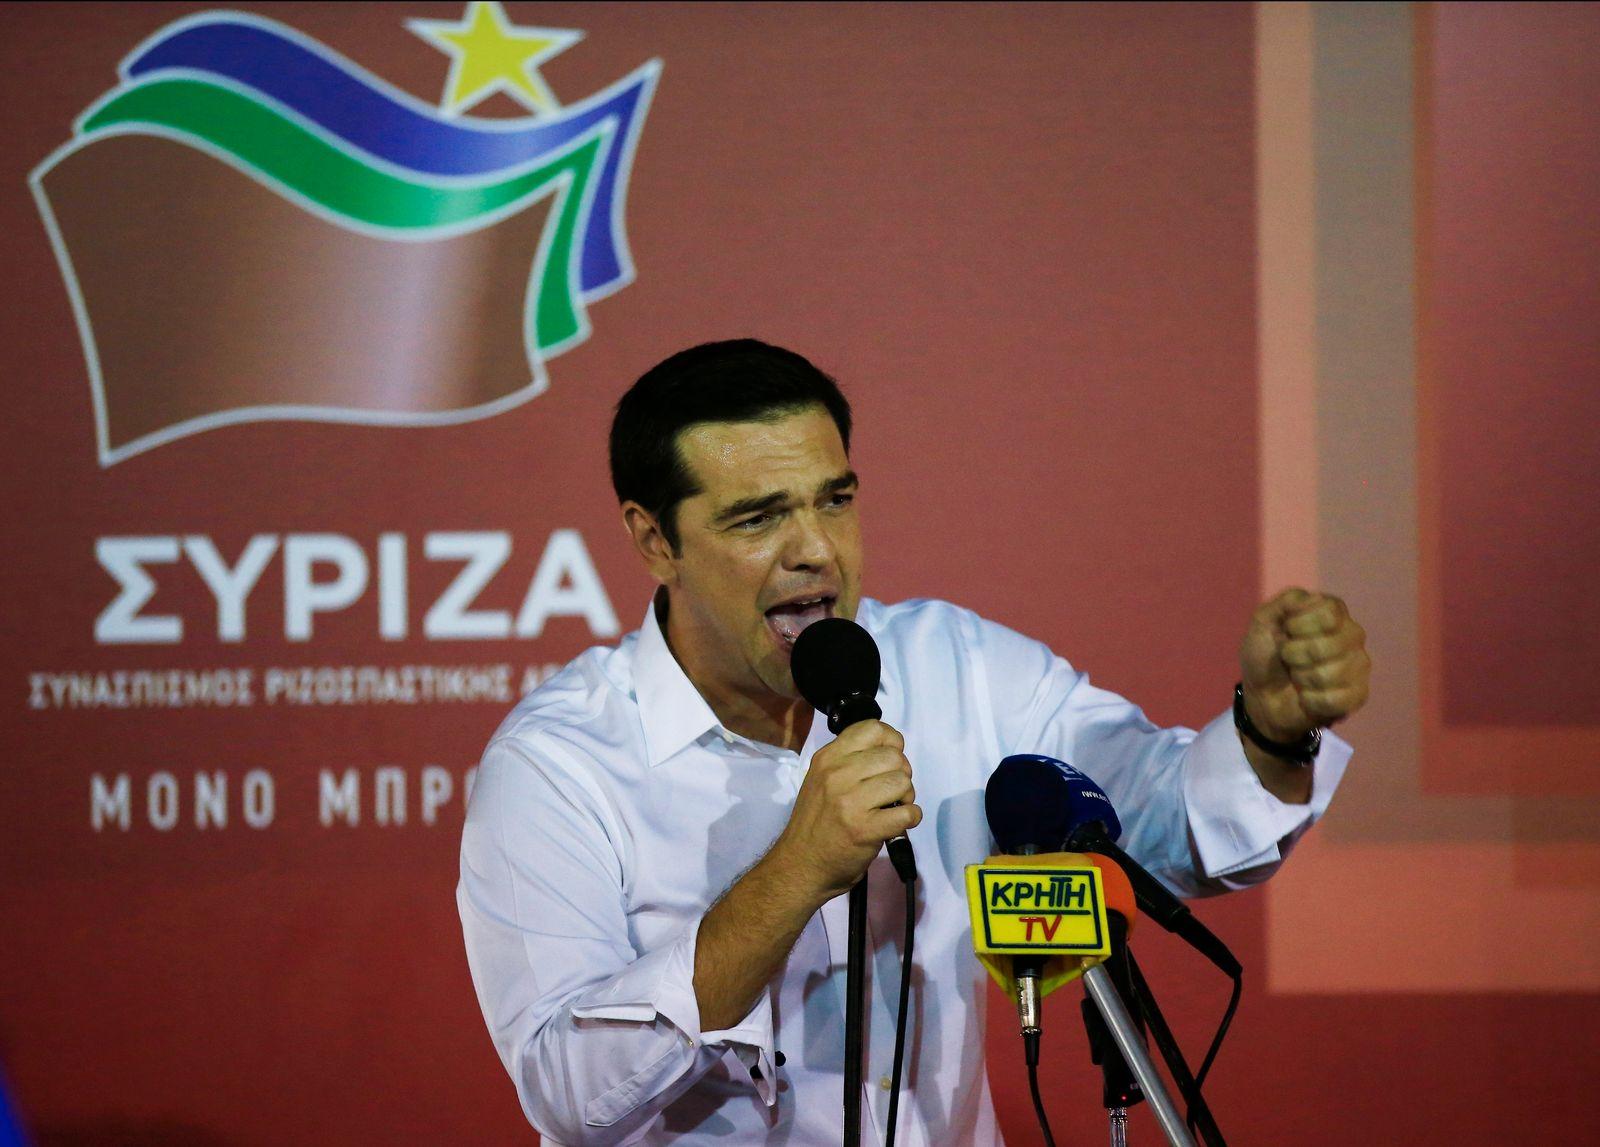 Alexis Tsipras/Griechenland